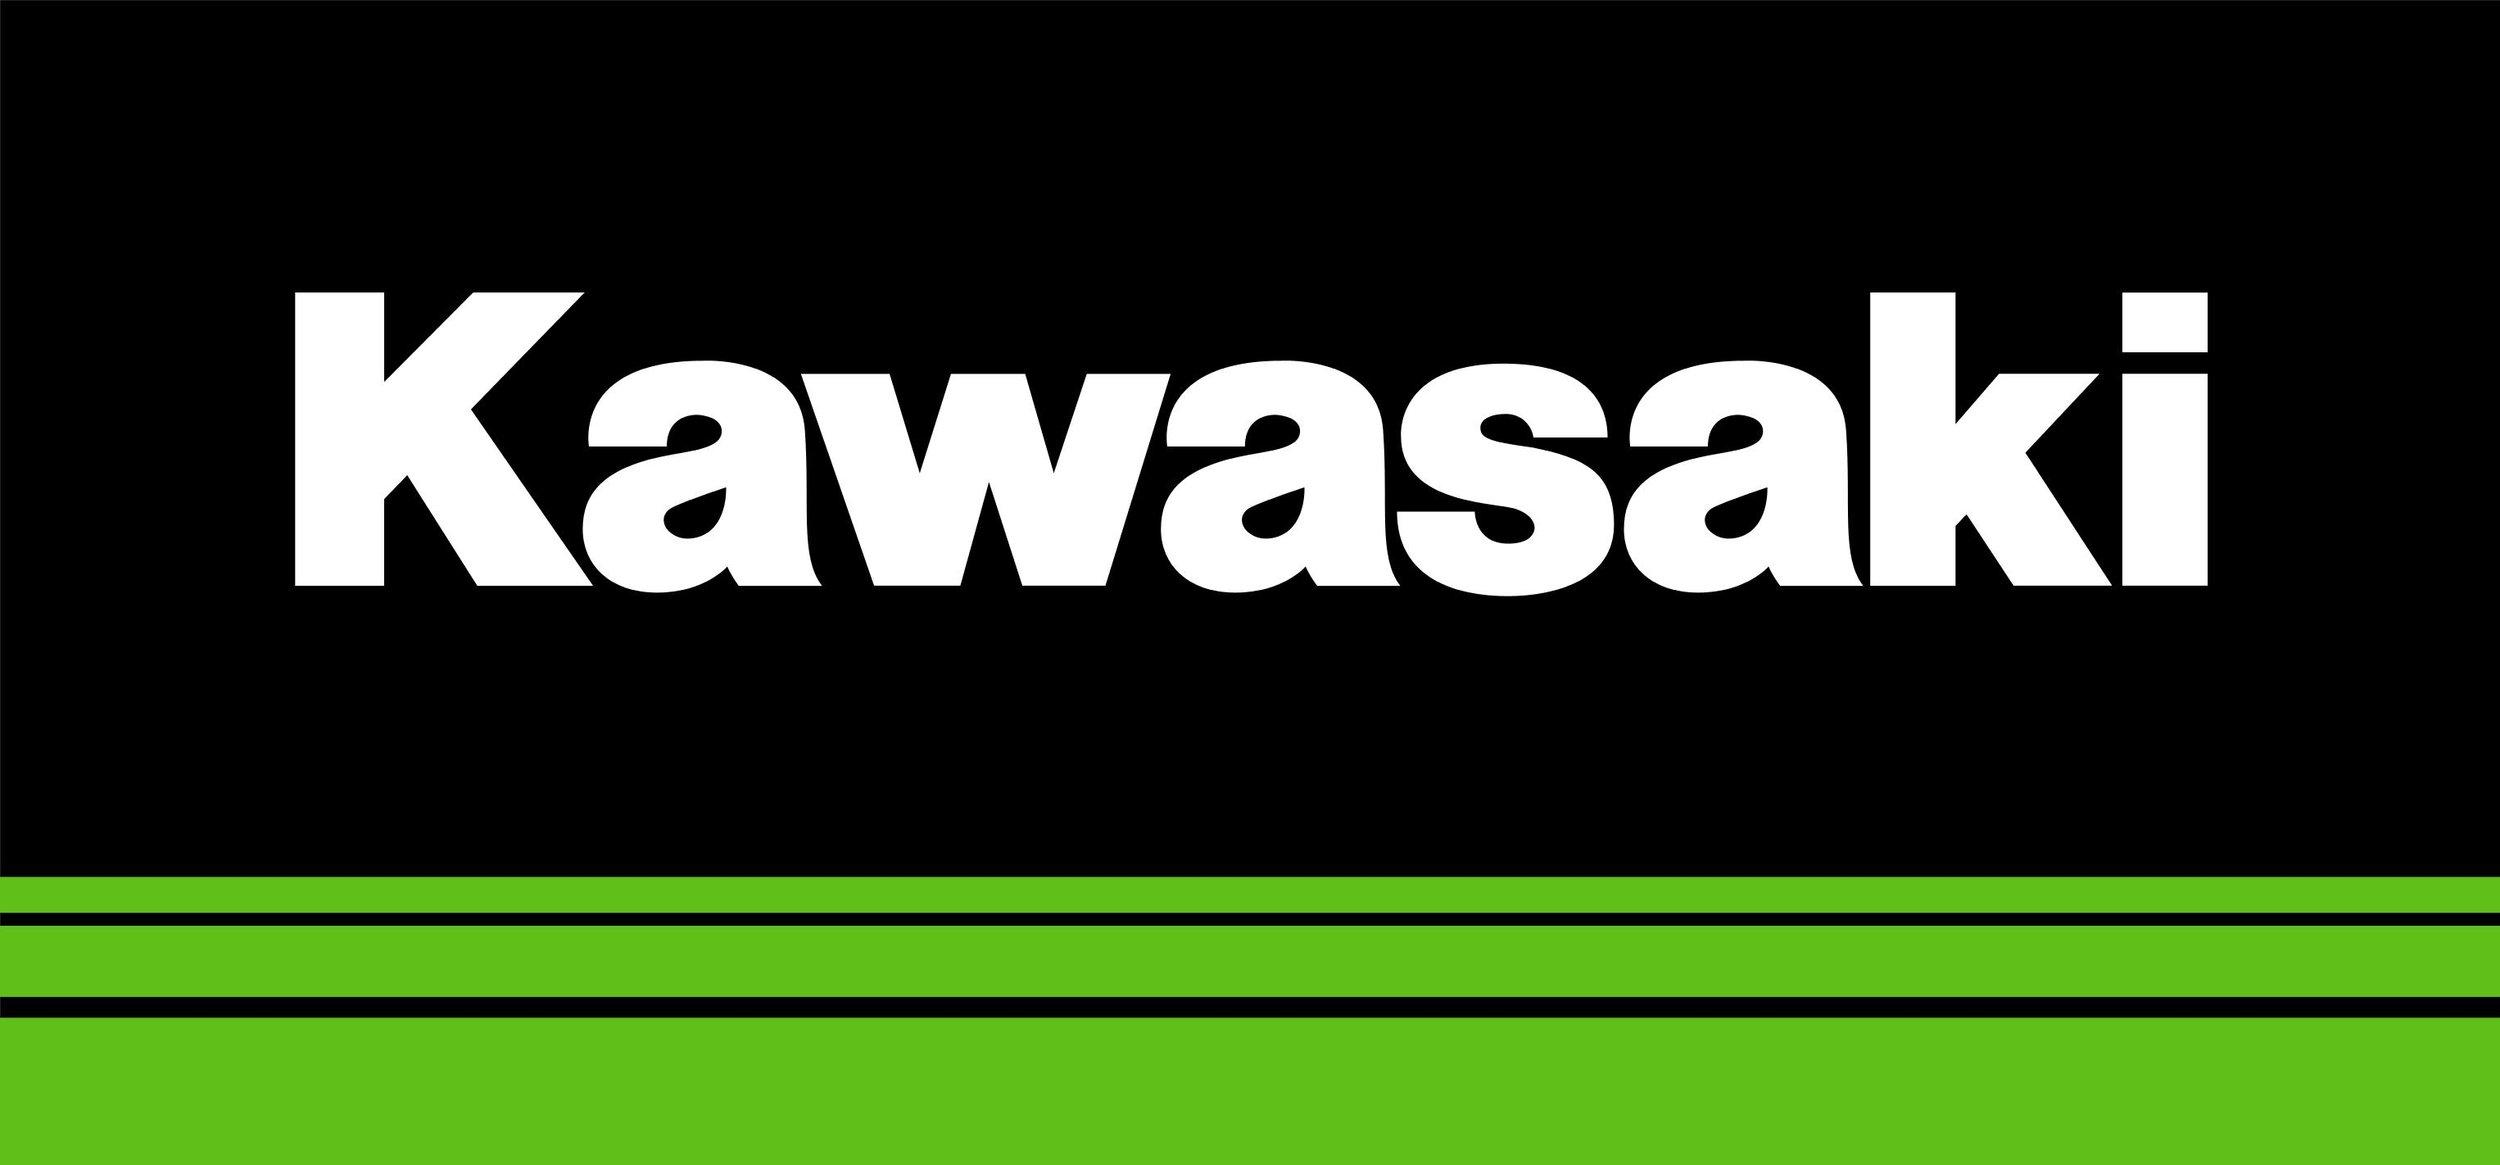 kawasaki_logo.jpg